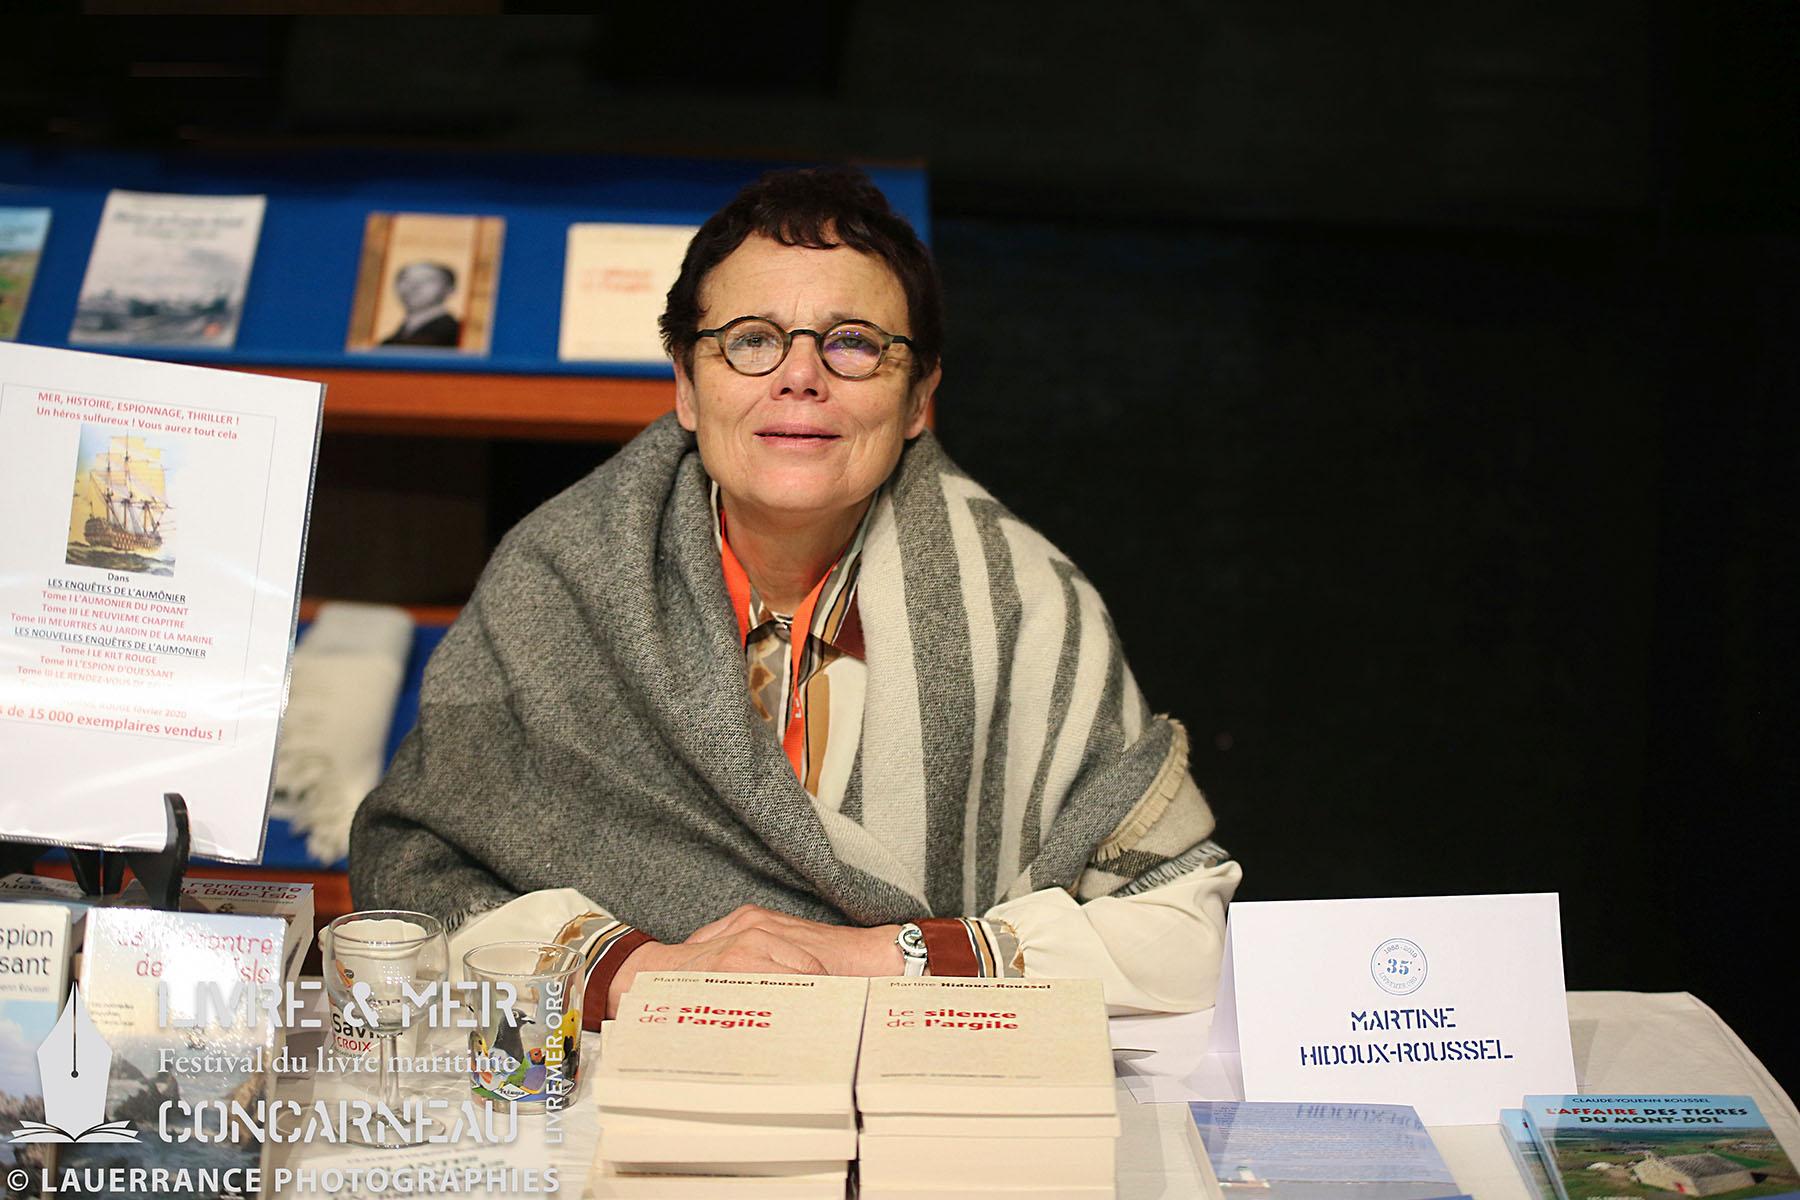 Martine-Hidoux Roussel © Lauerrance Photographies